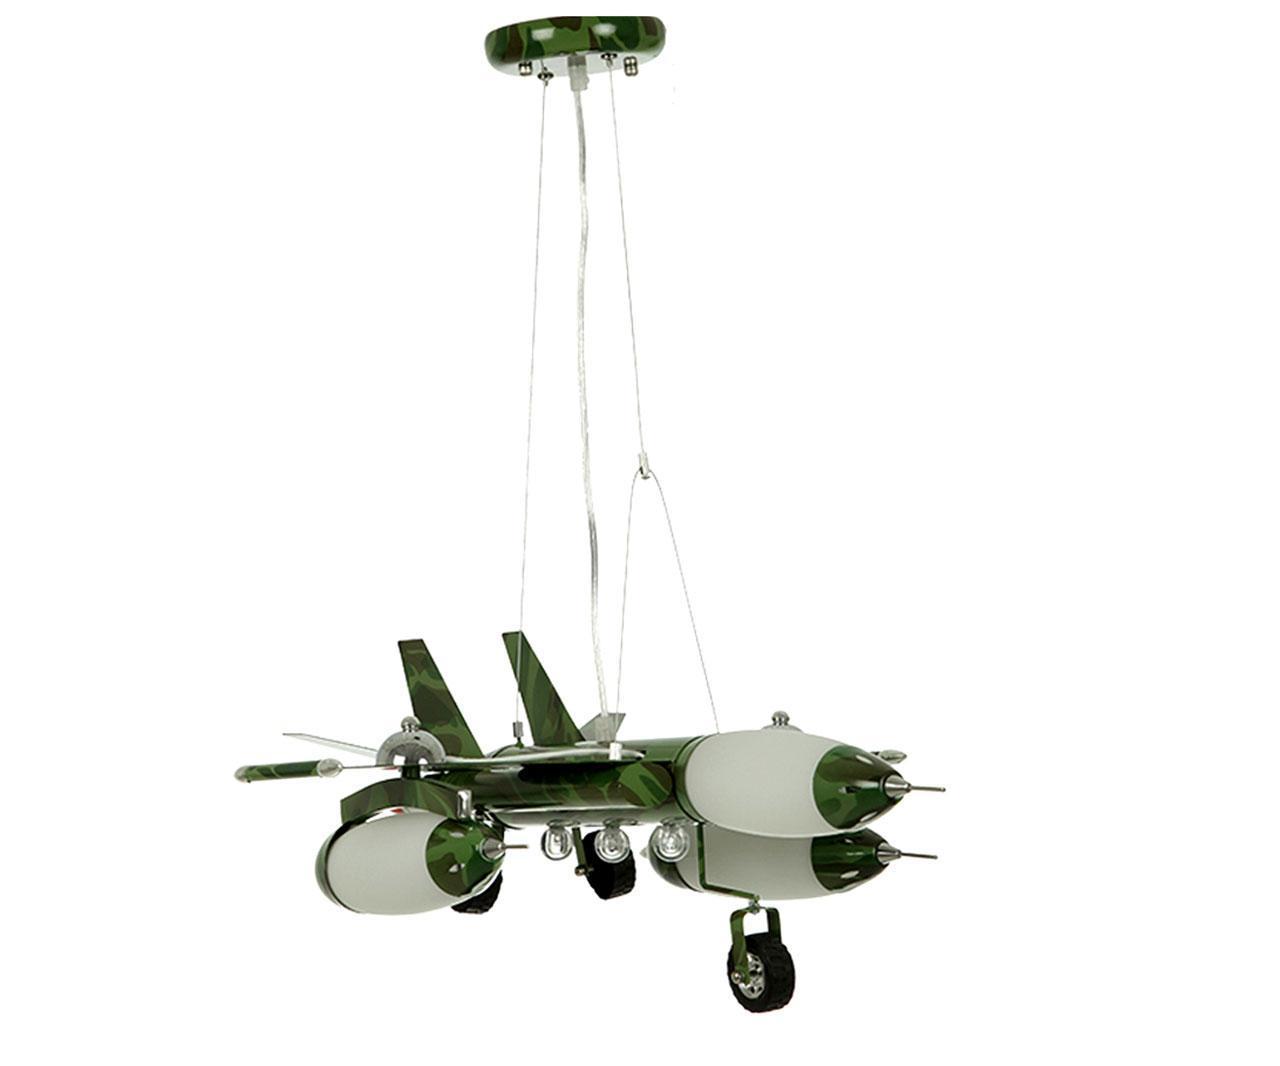 Подвесной светильник штурмовик для детской комнаты